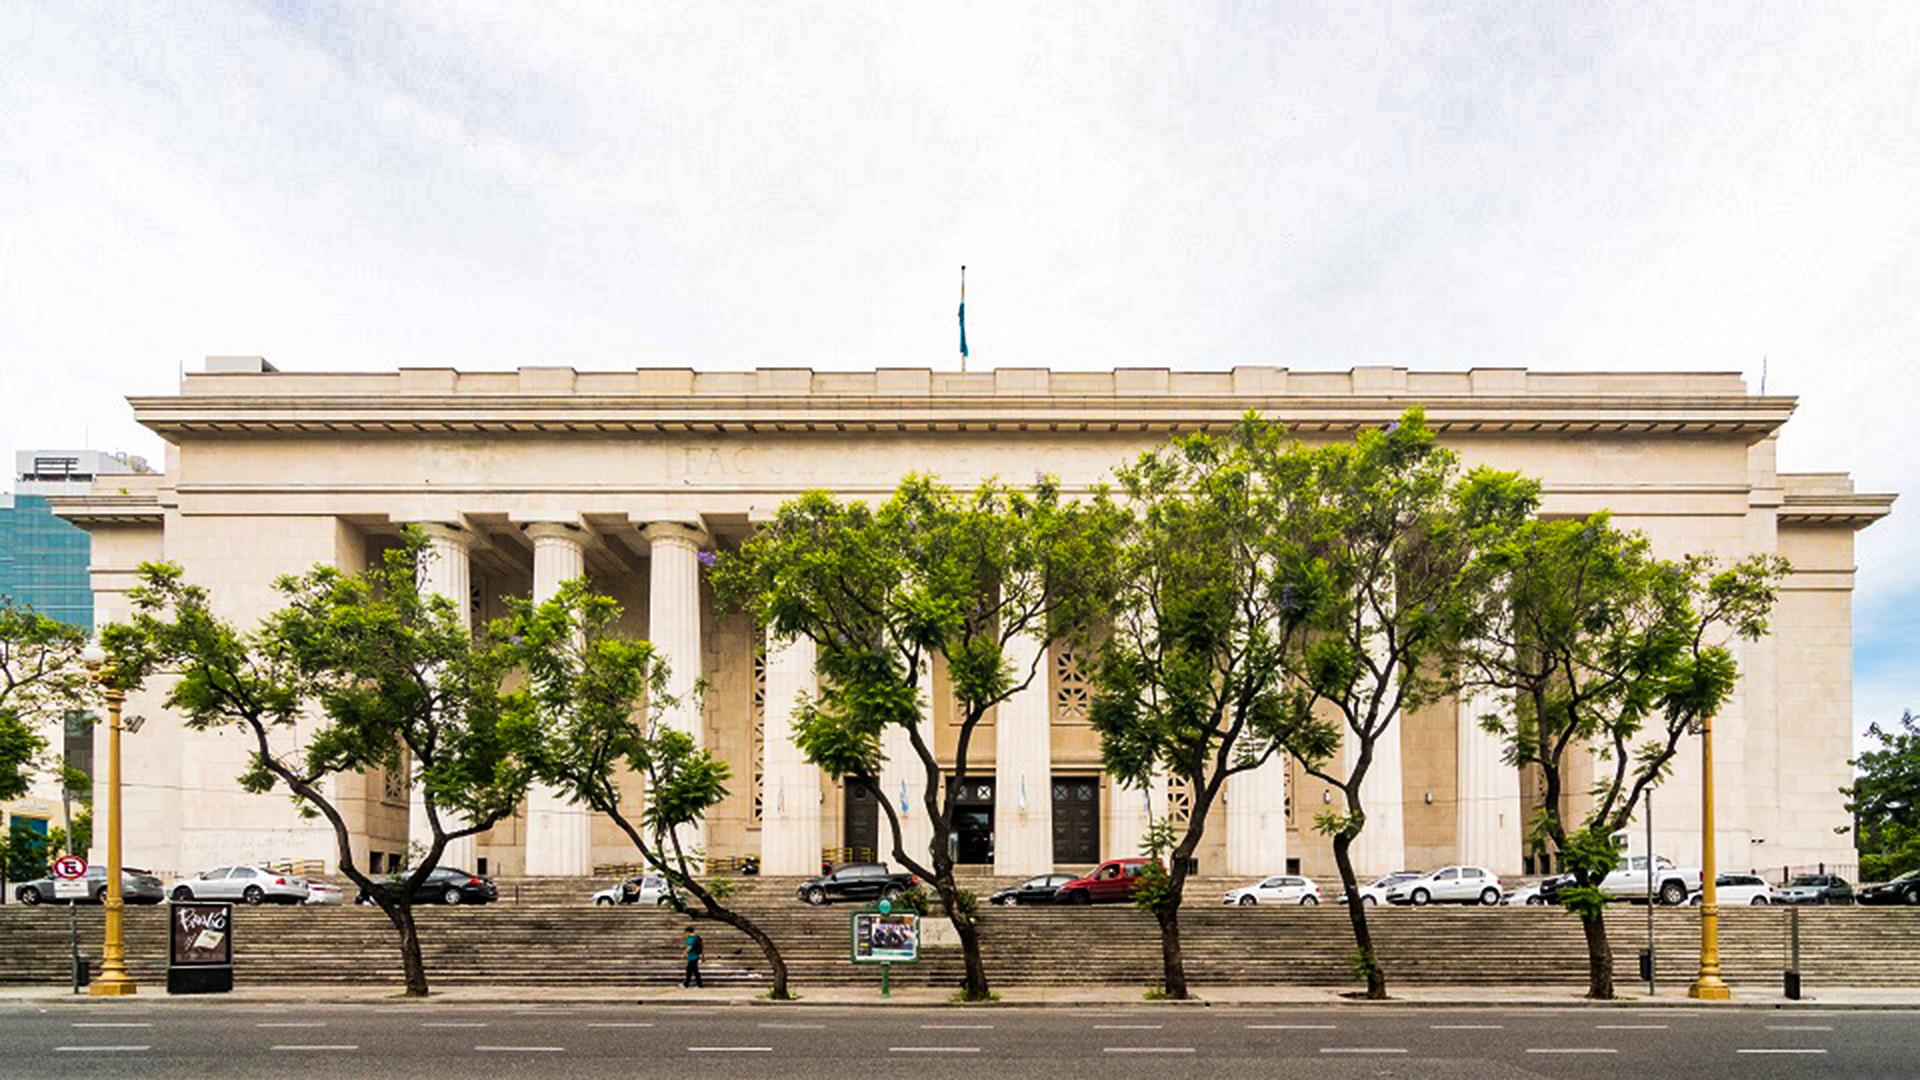 El edificio de la Facultad de Derecho de la UBA, ubicado desde 1949 sobre la Avenida Figueroa Alcorta, está dentro de uno de los circuitos guiados